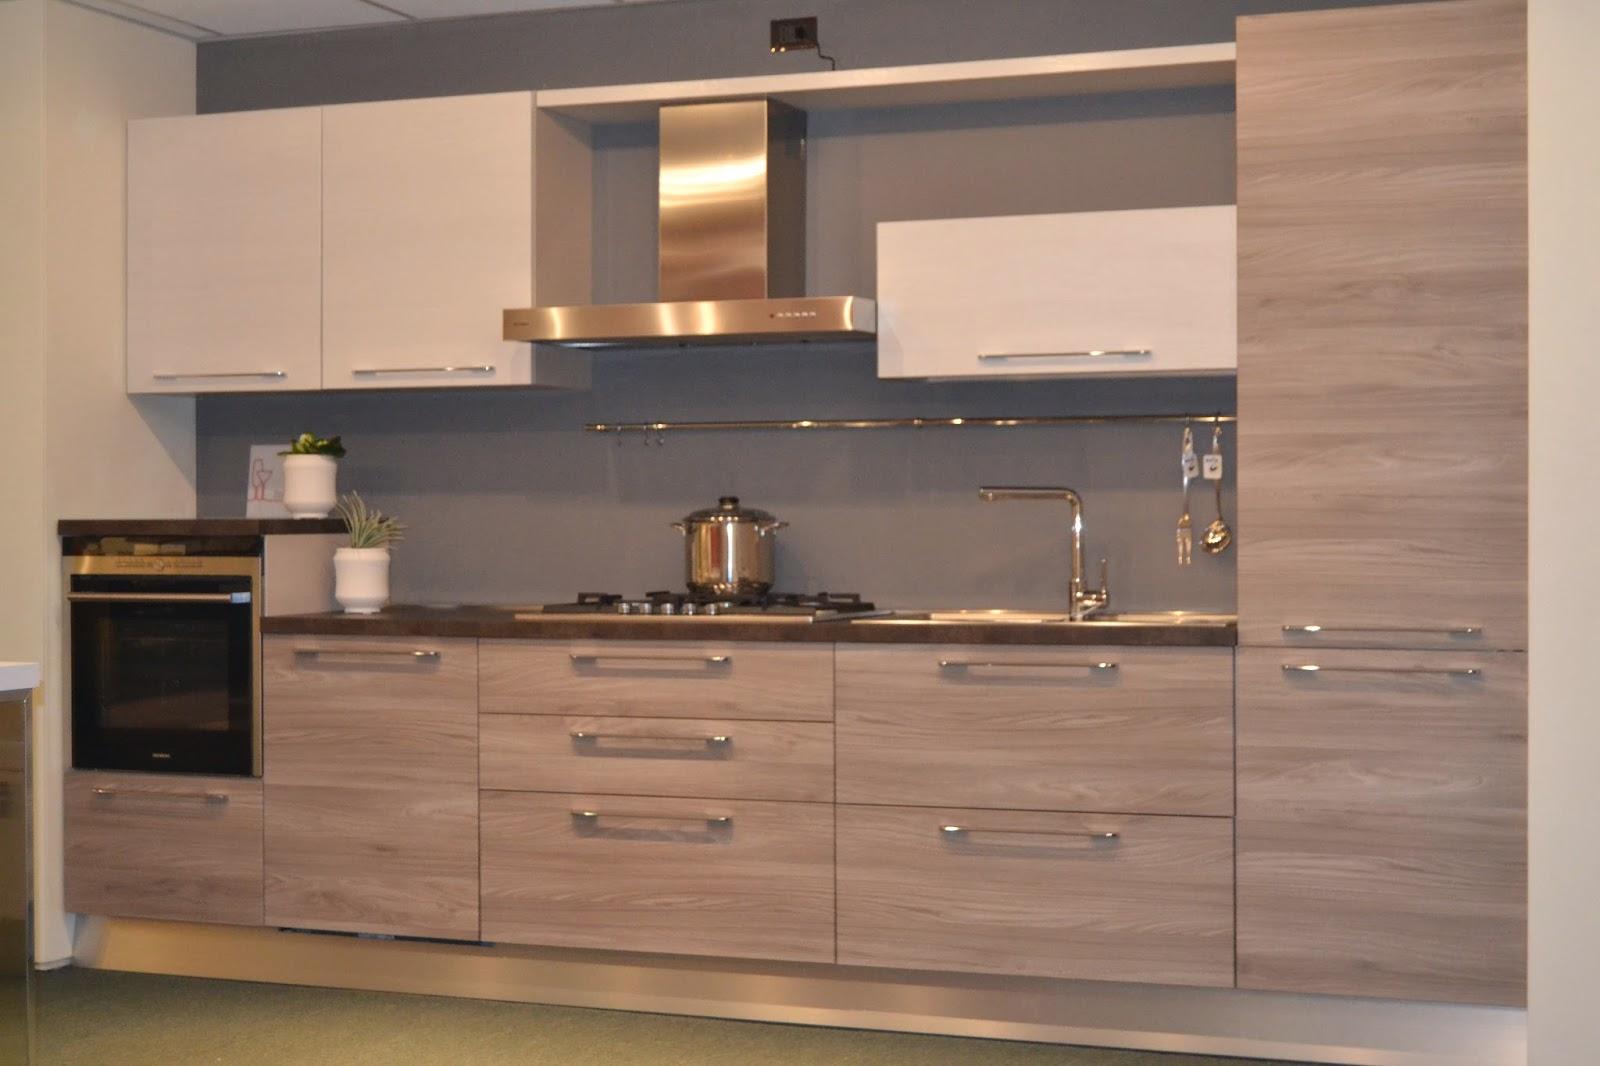 Arredamenti pennati le cucine esposte design di qualit - Cucine di qualita ...